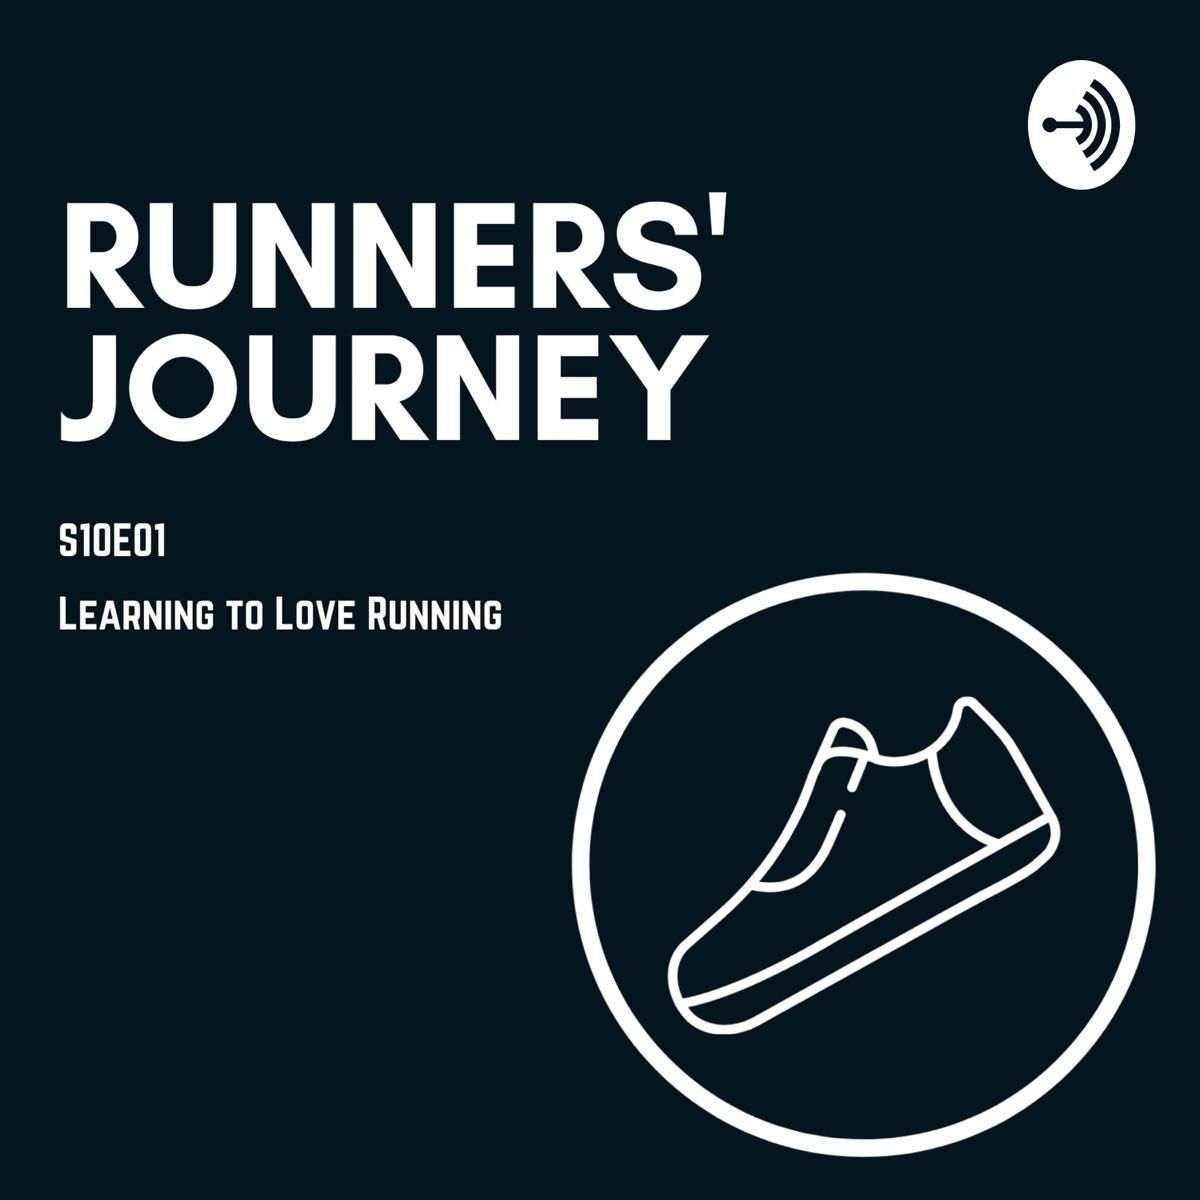 Runner's Journey